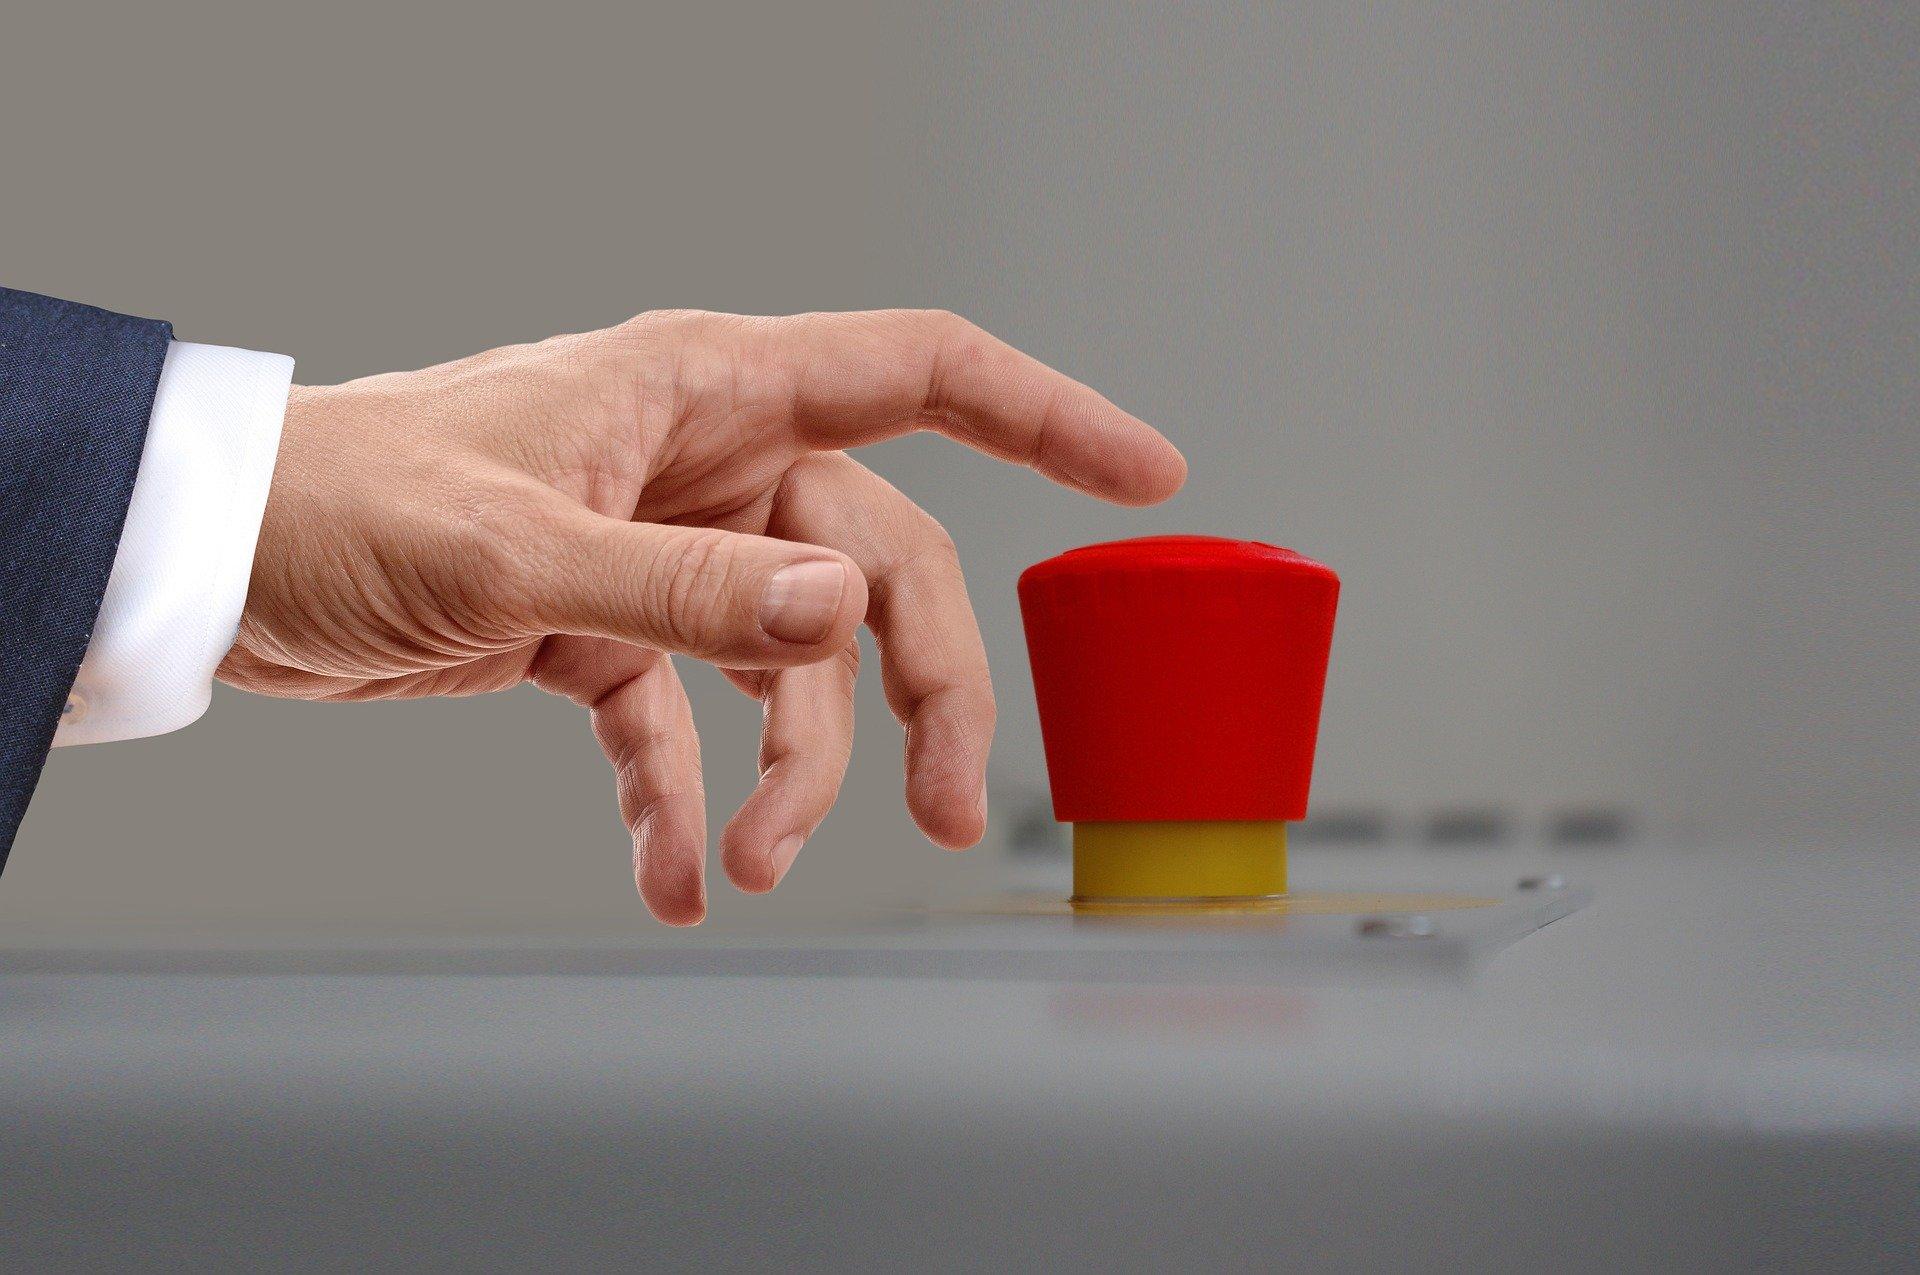 wojna war bitwa pojedynek czerwony guzik przycisk